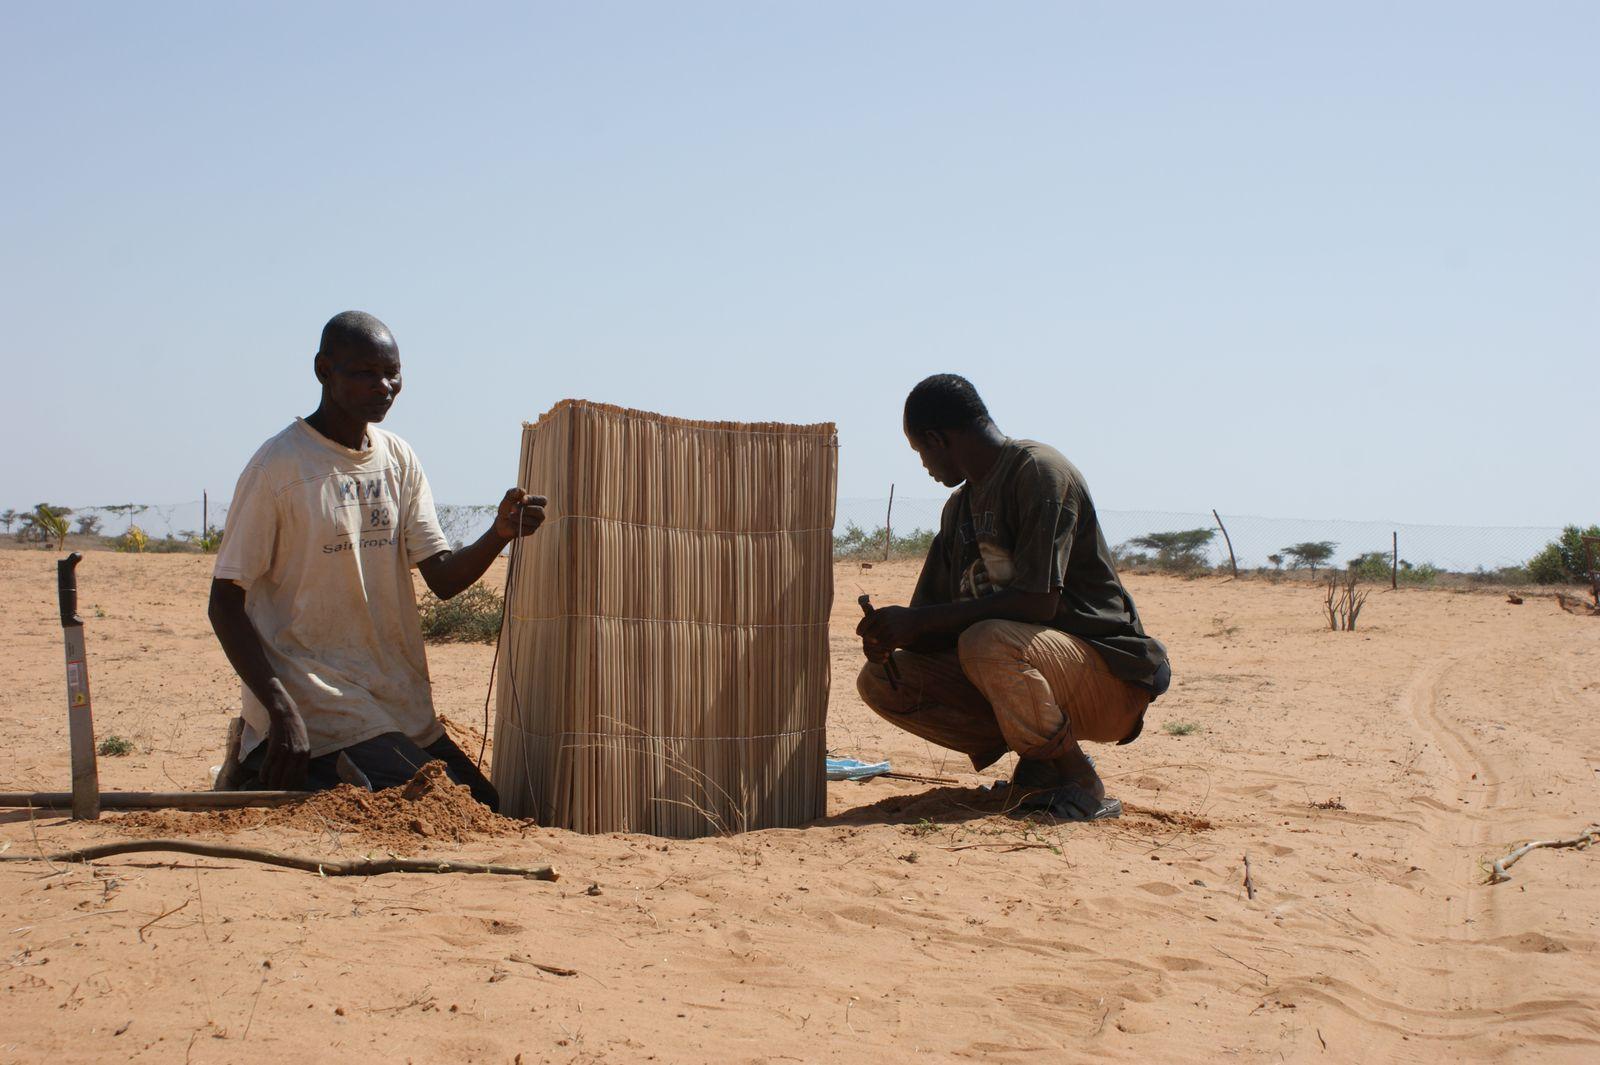 Daouda et Malick protègent les arbustes du vent.